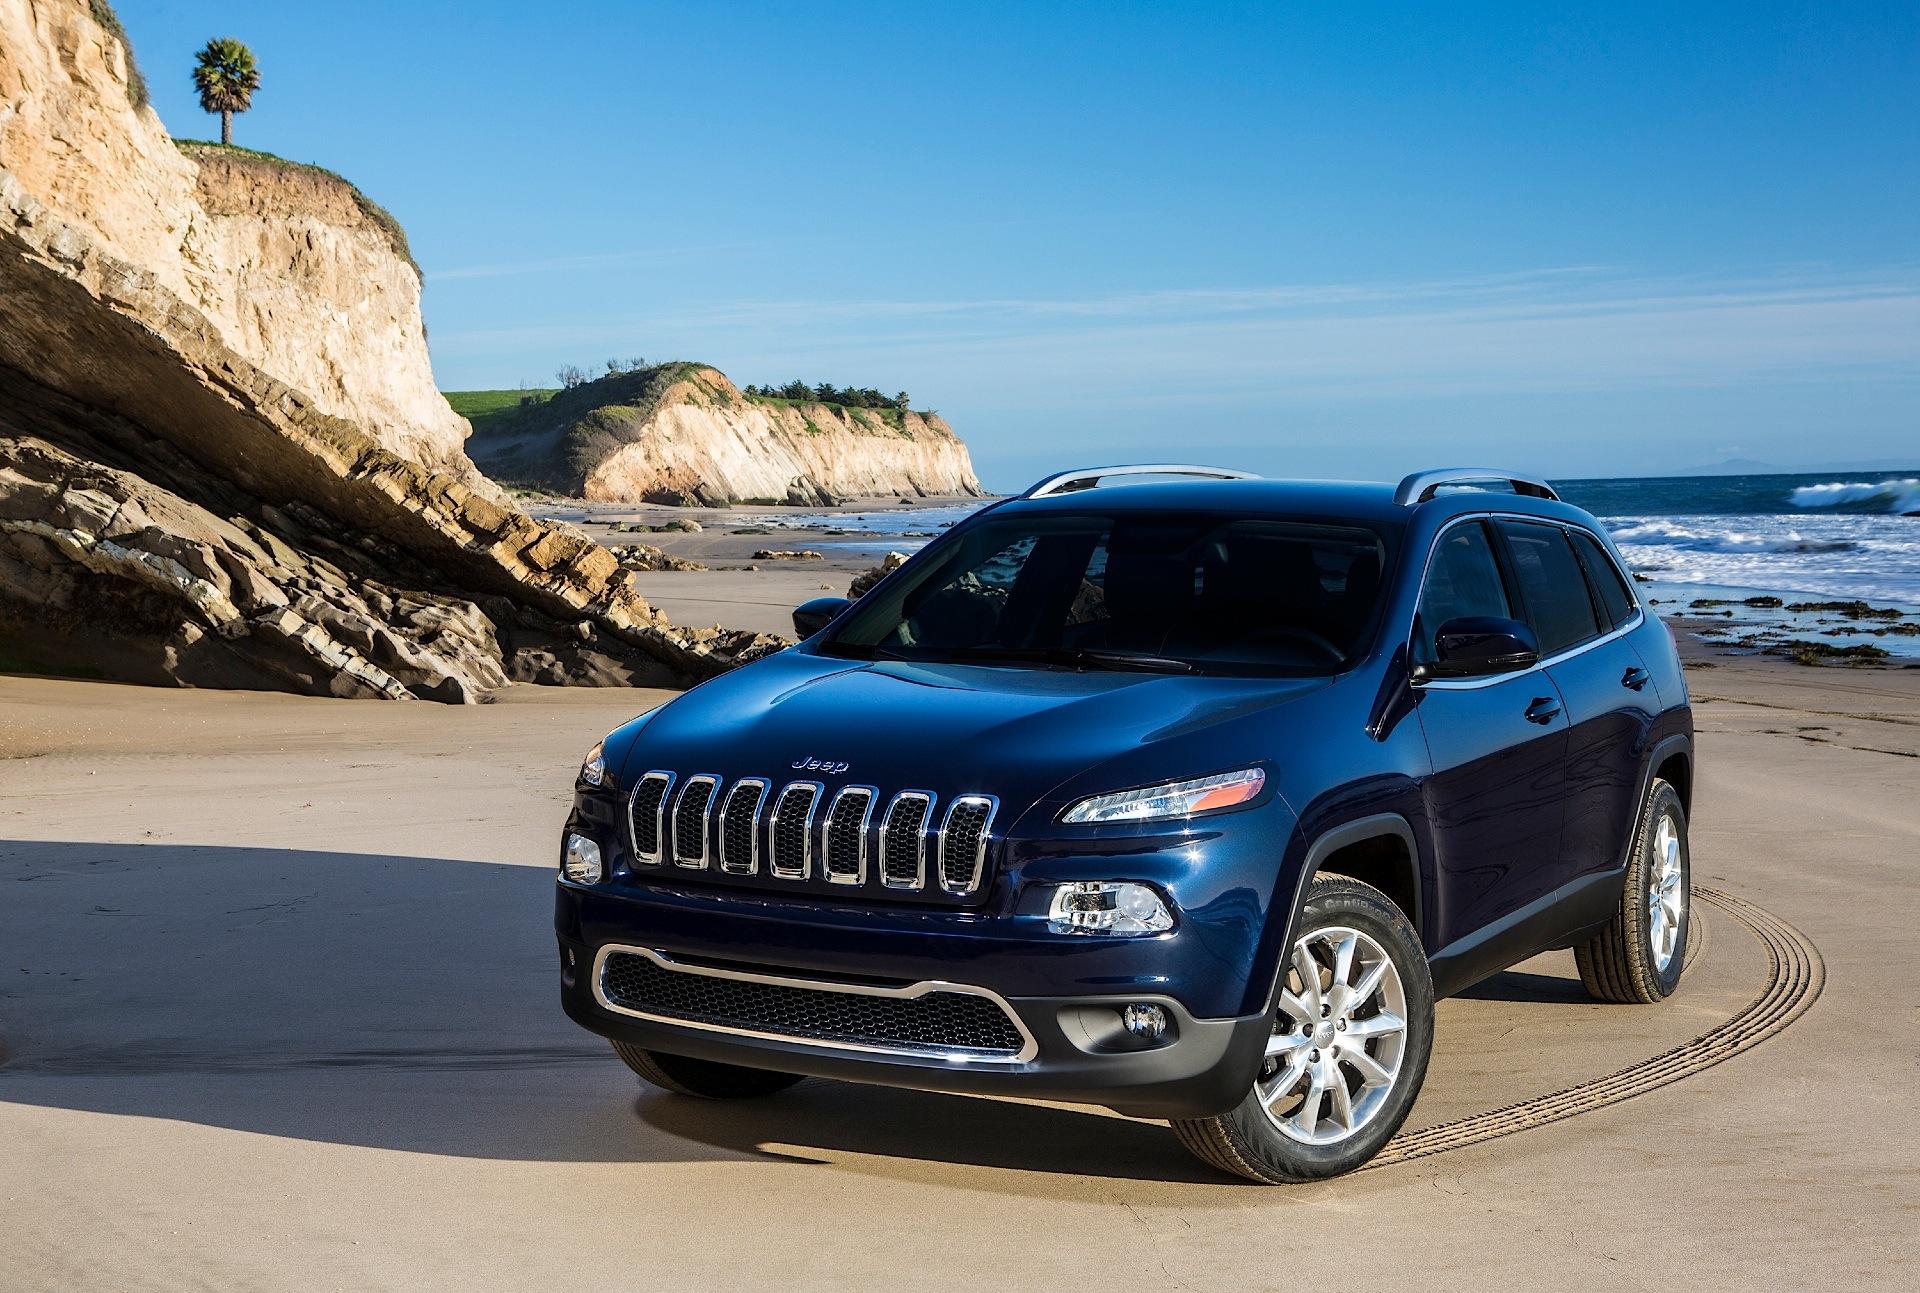 jeep cherokee specs - 2013, 2014, 2015, 2016, 2017, 2018